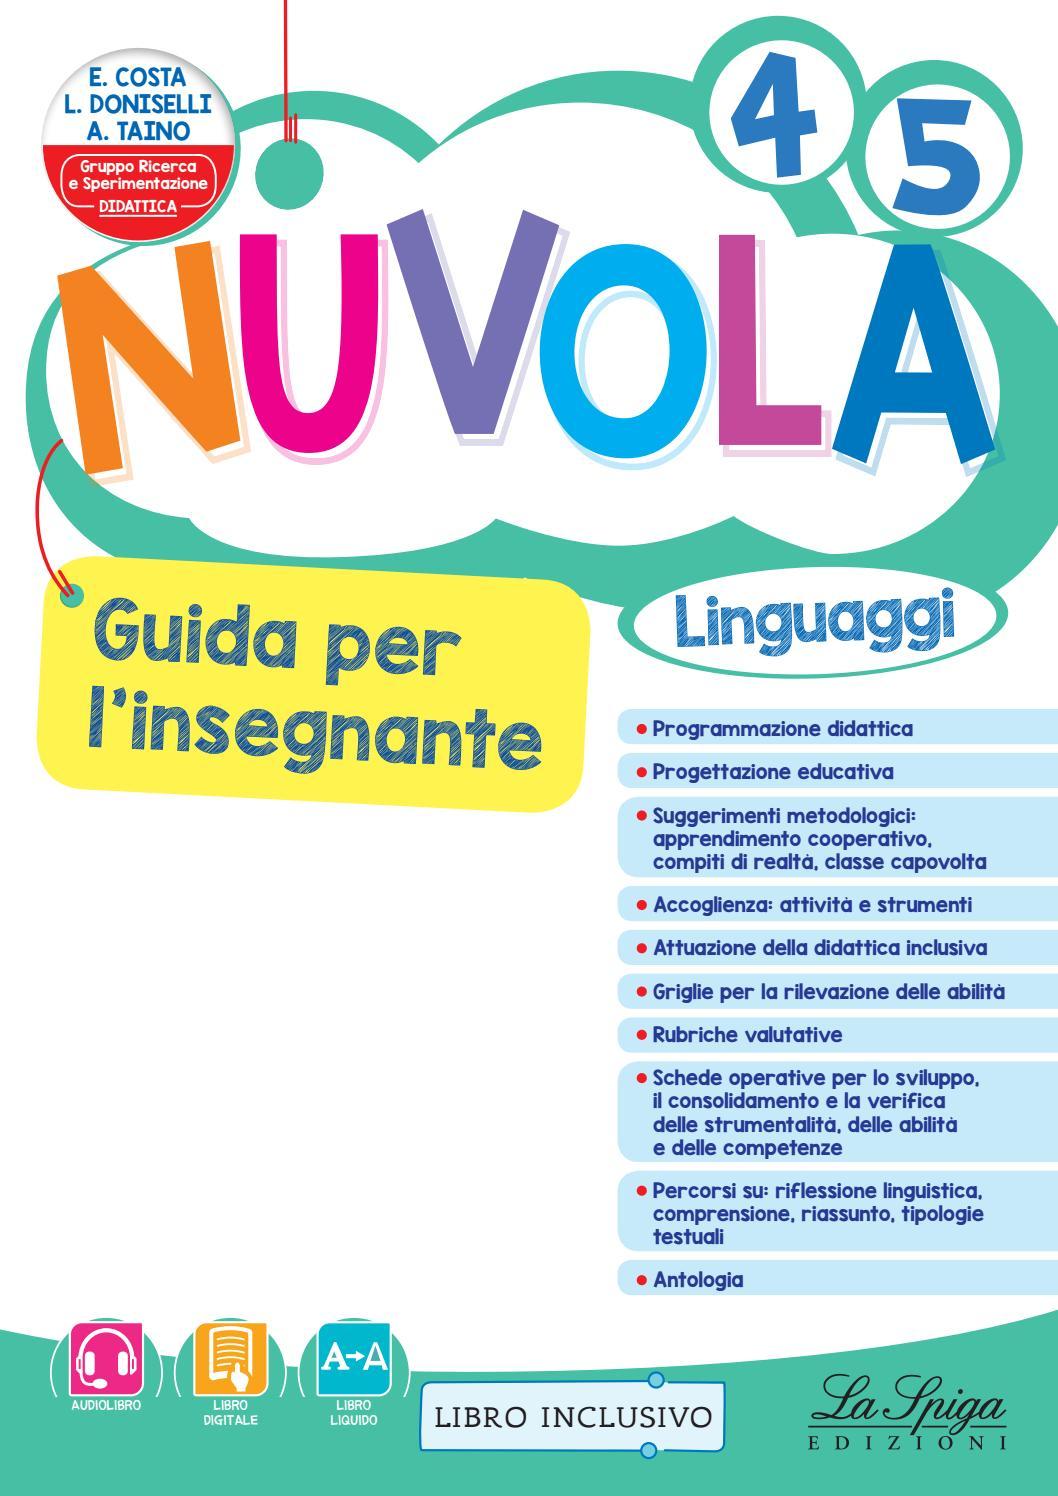 Nuvola 4 5 guida linguaggi by eli publishing issuu - Scheda di un libro letto ...